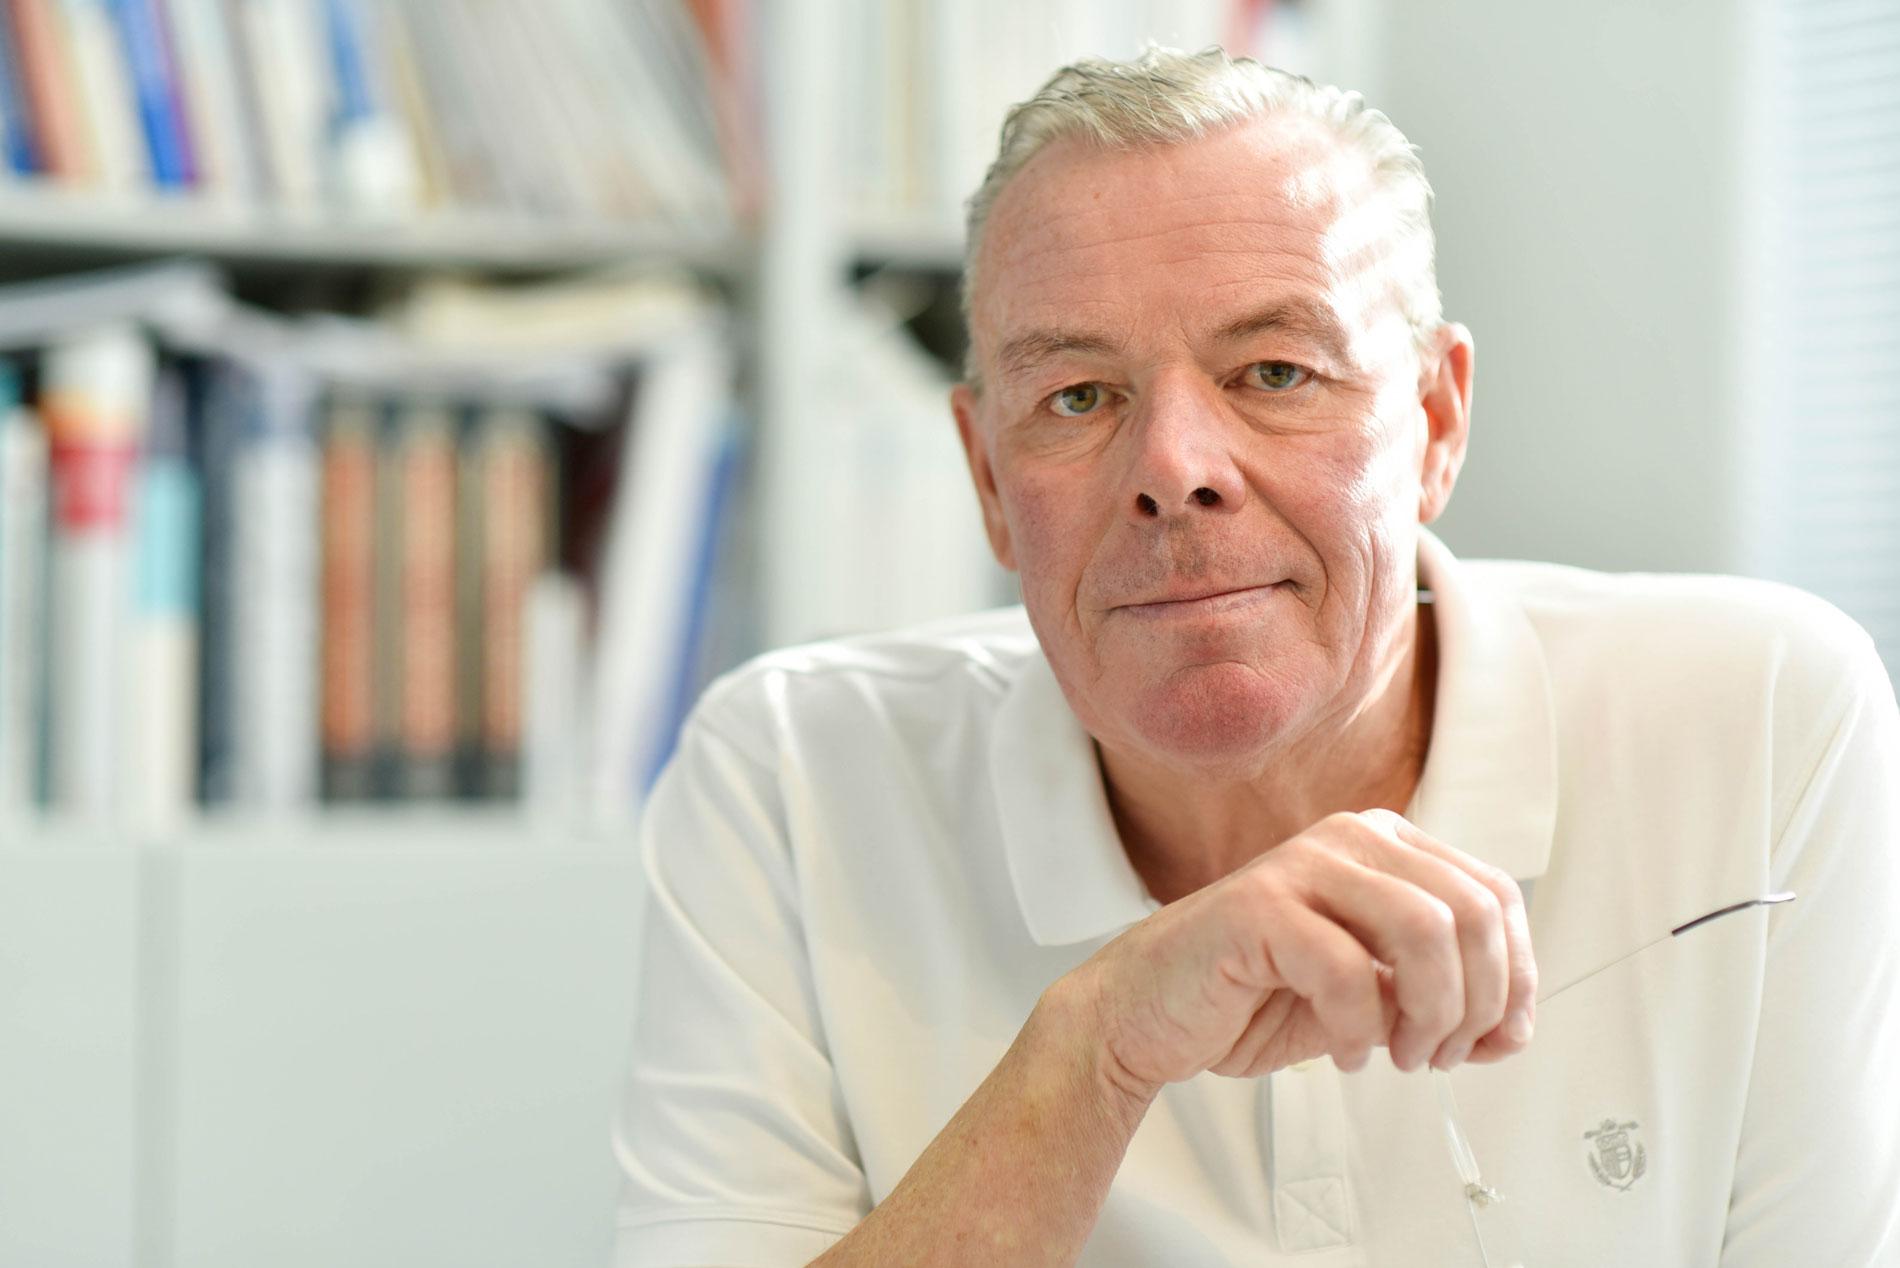 Praxis Dr. med. Rüdiger Godt – Facharzt für Urologie – Dr. med. Rüdiger Godt